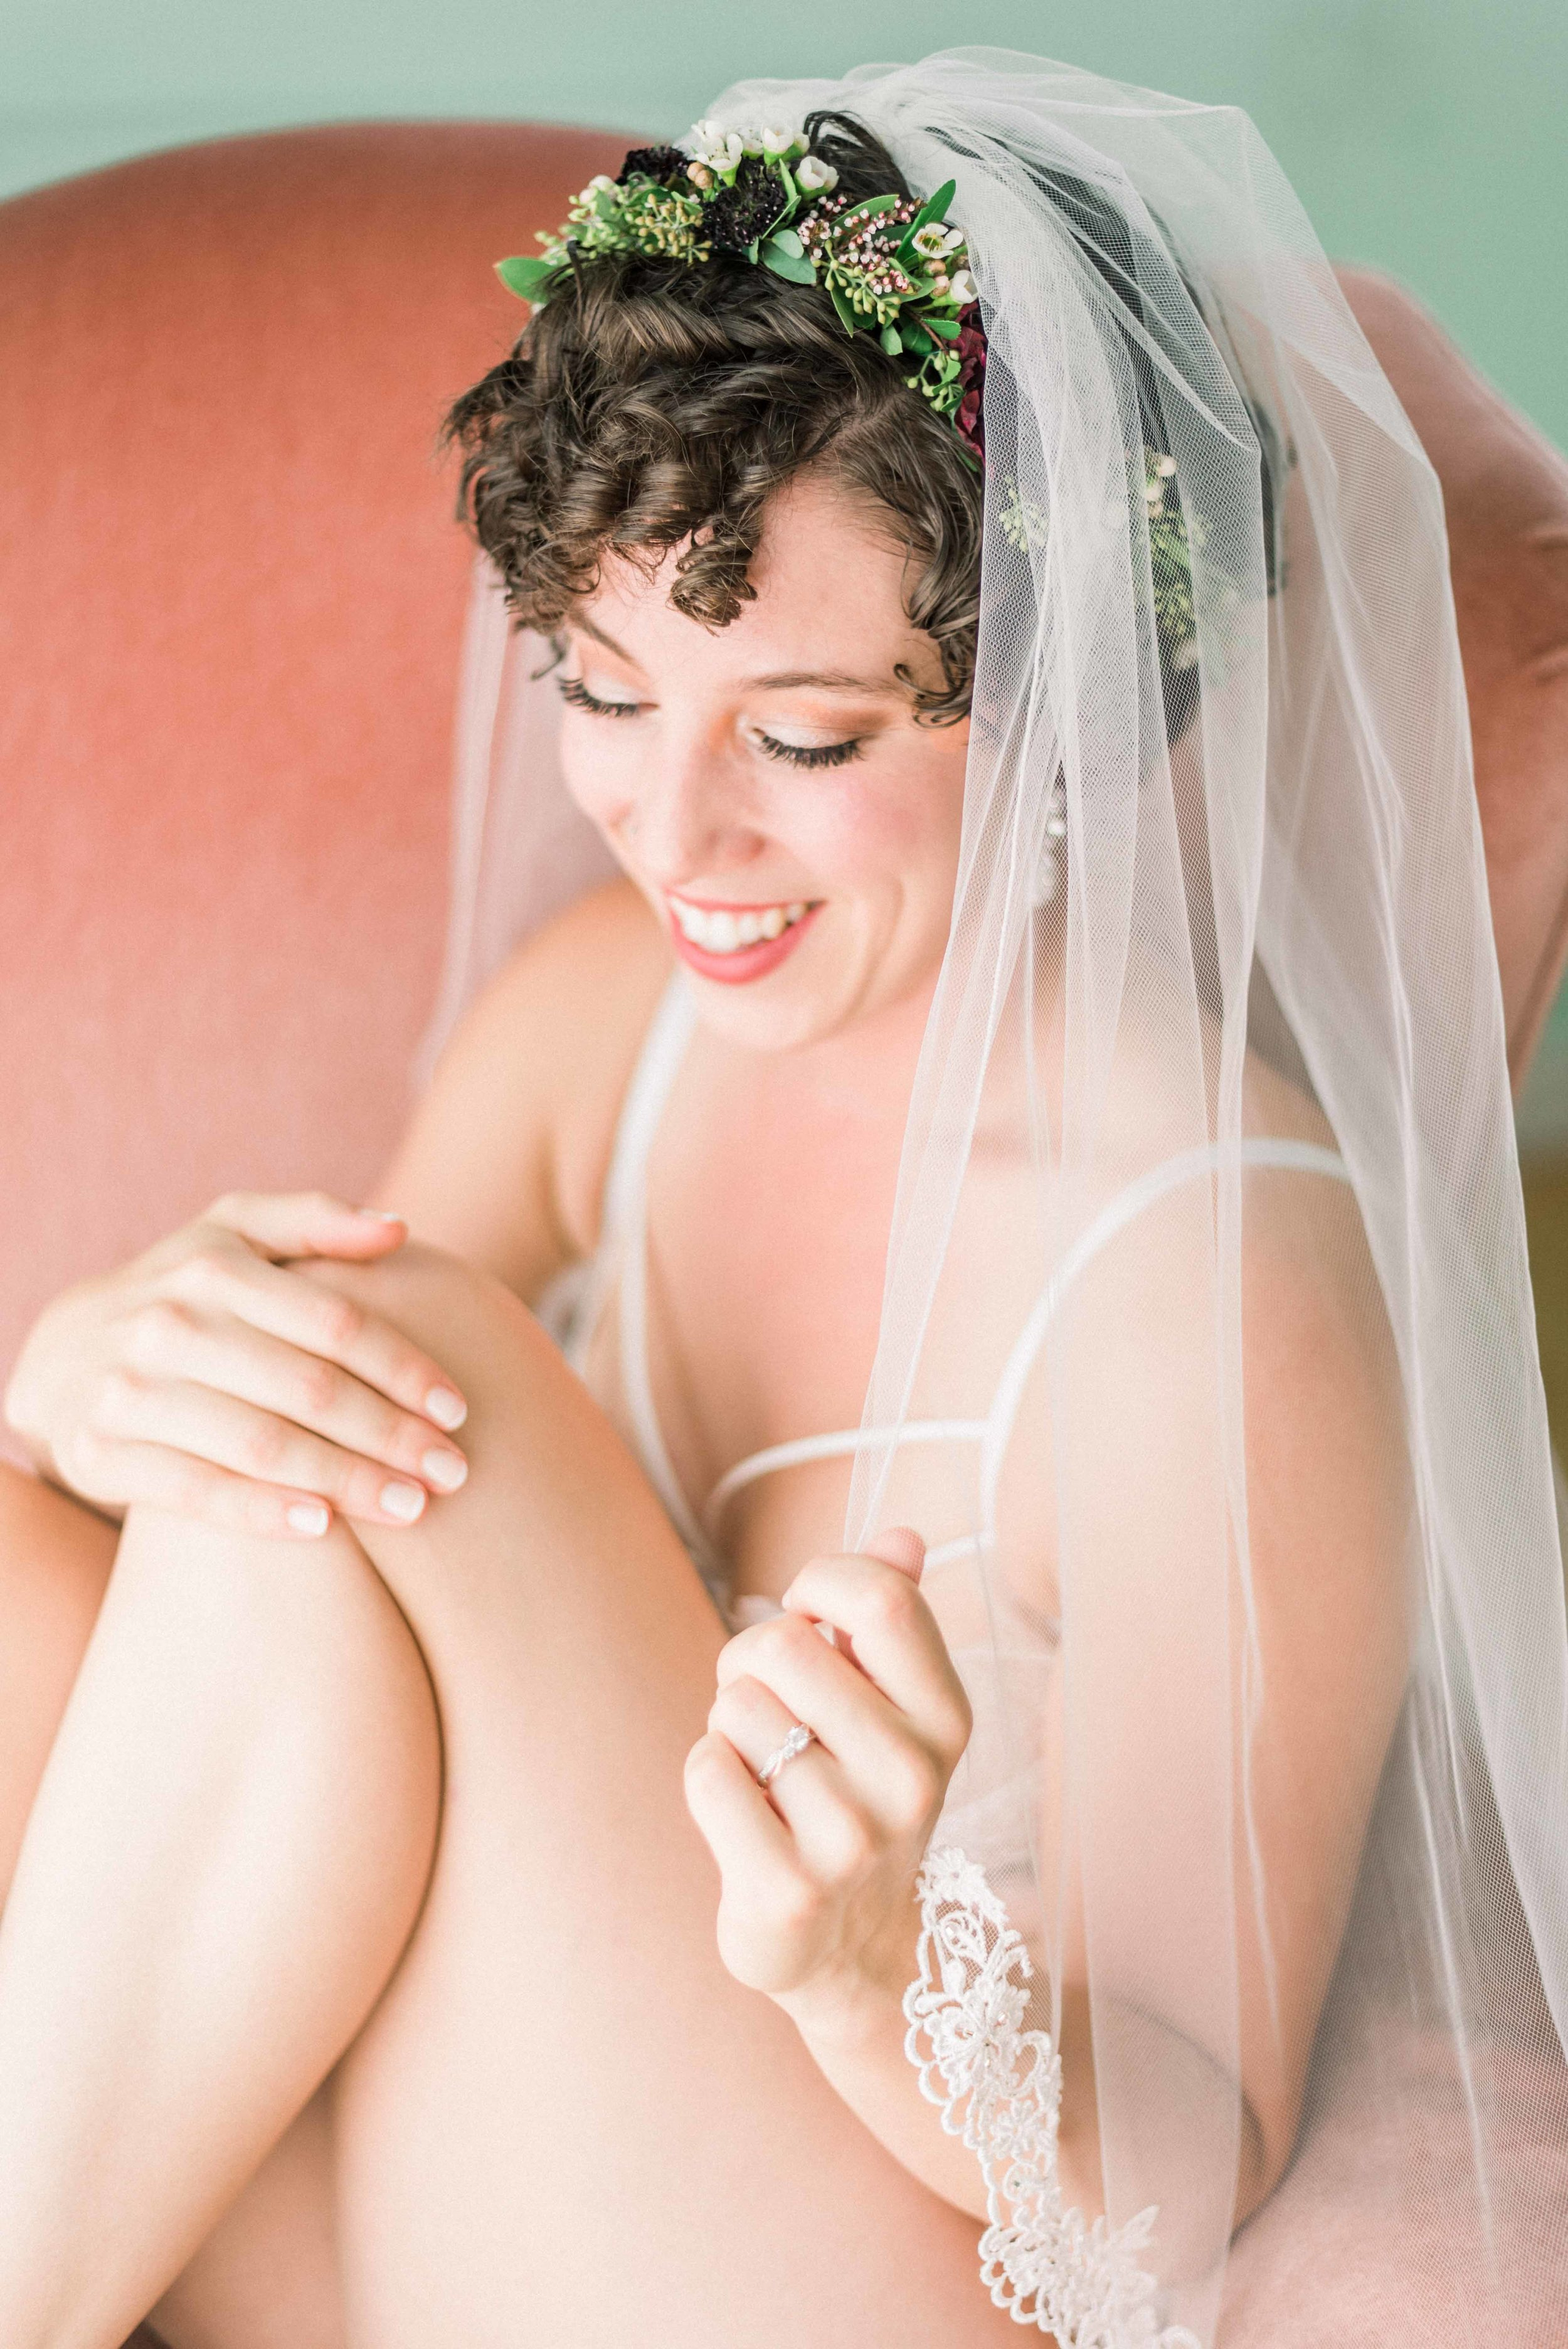 ShaelineFaithPhotography_Submissions-49.jpg